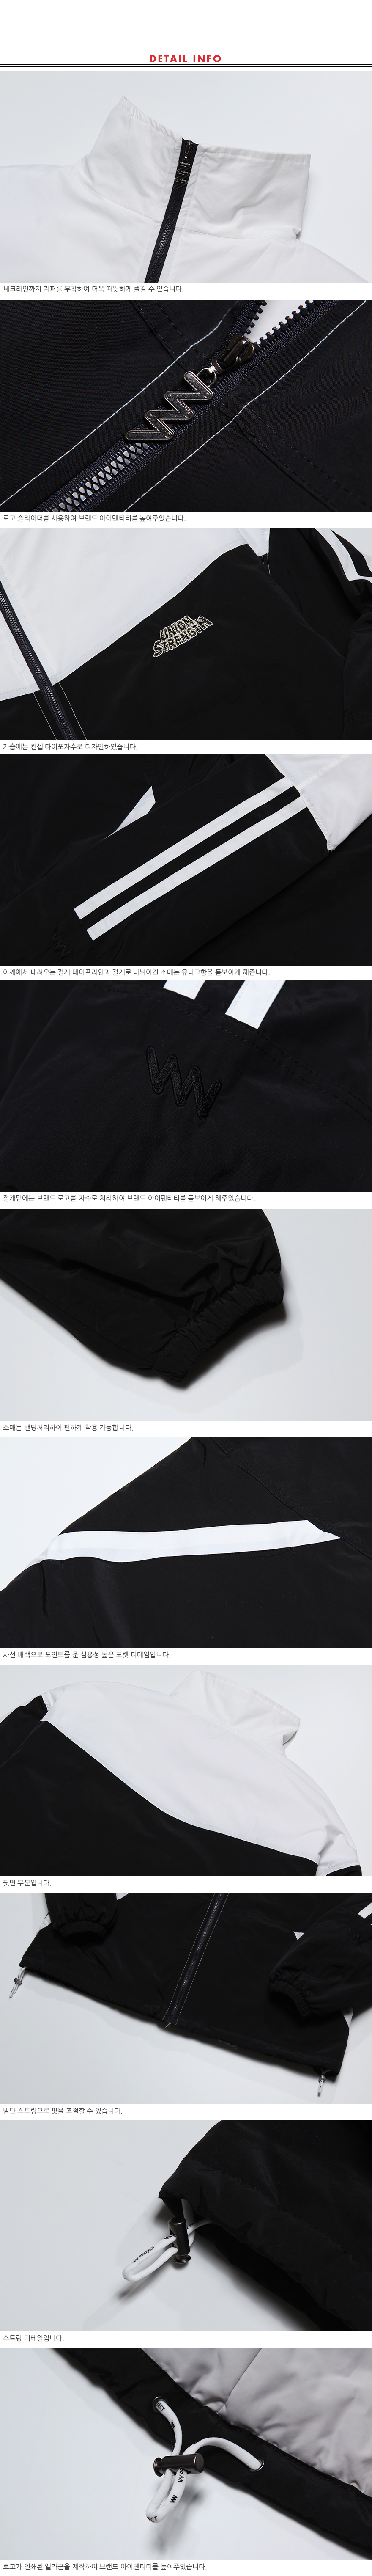 MJJK7239_detail_black.jpg